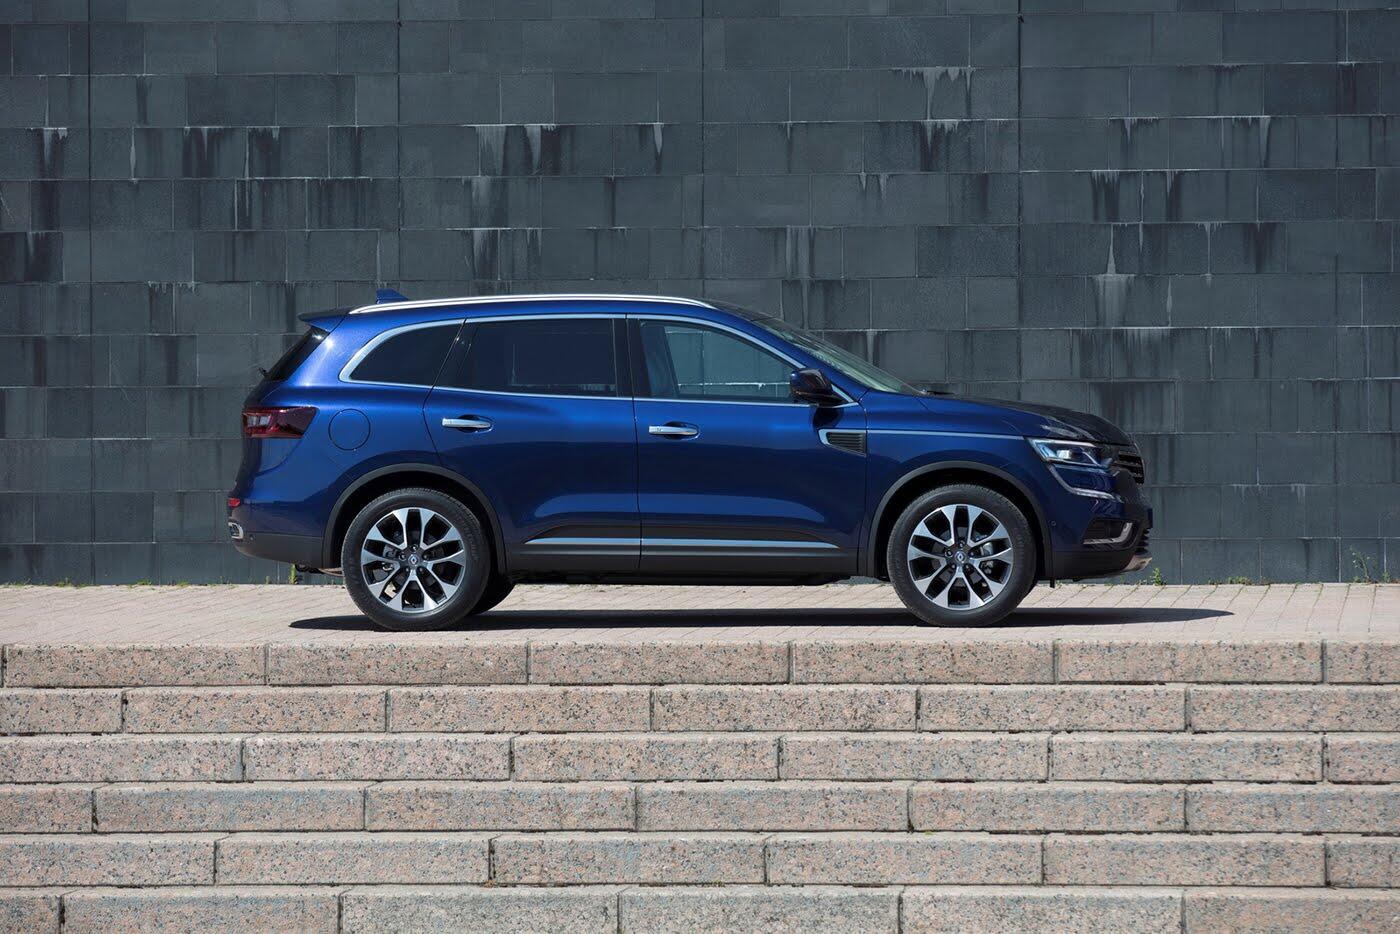 Xem thêm ảnh Renault Koleos 2017 - Hình 9